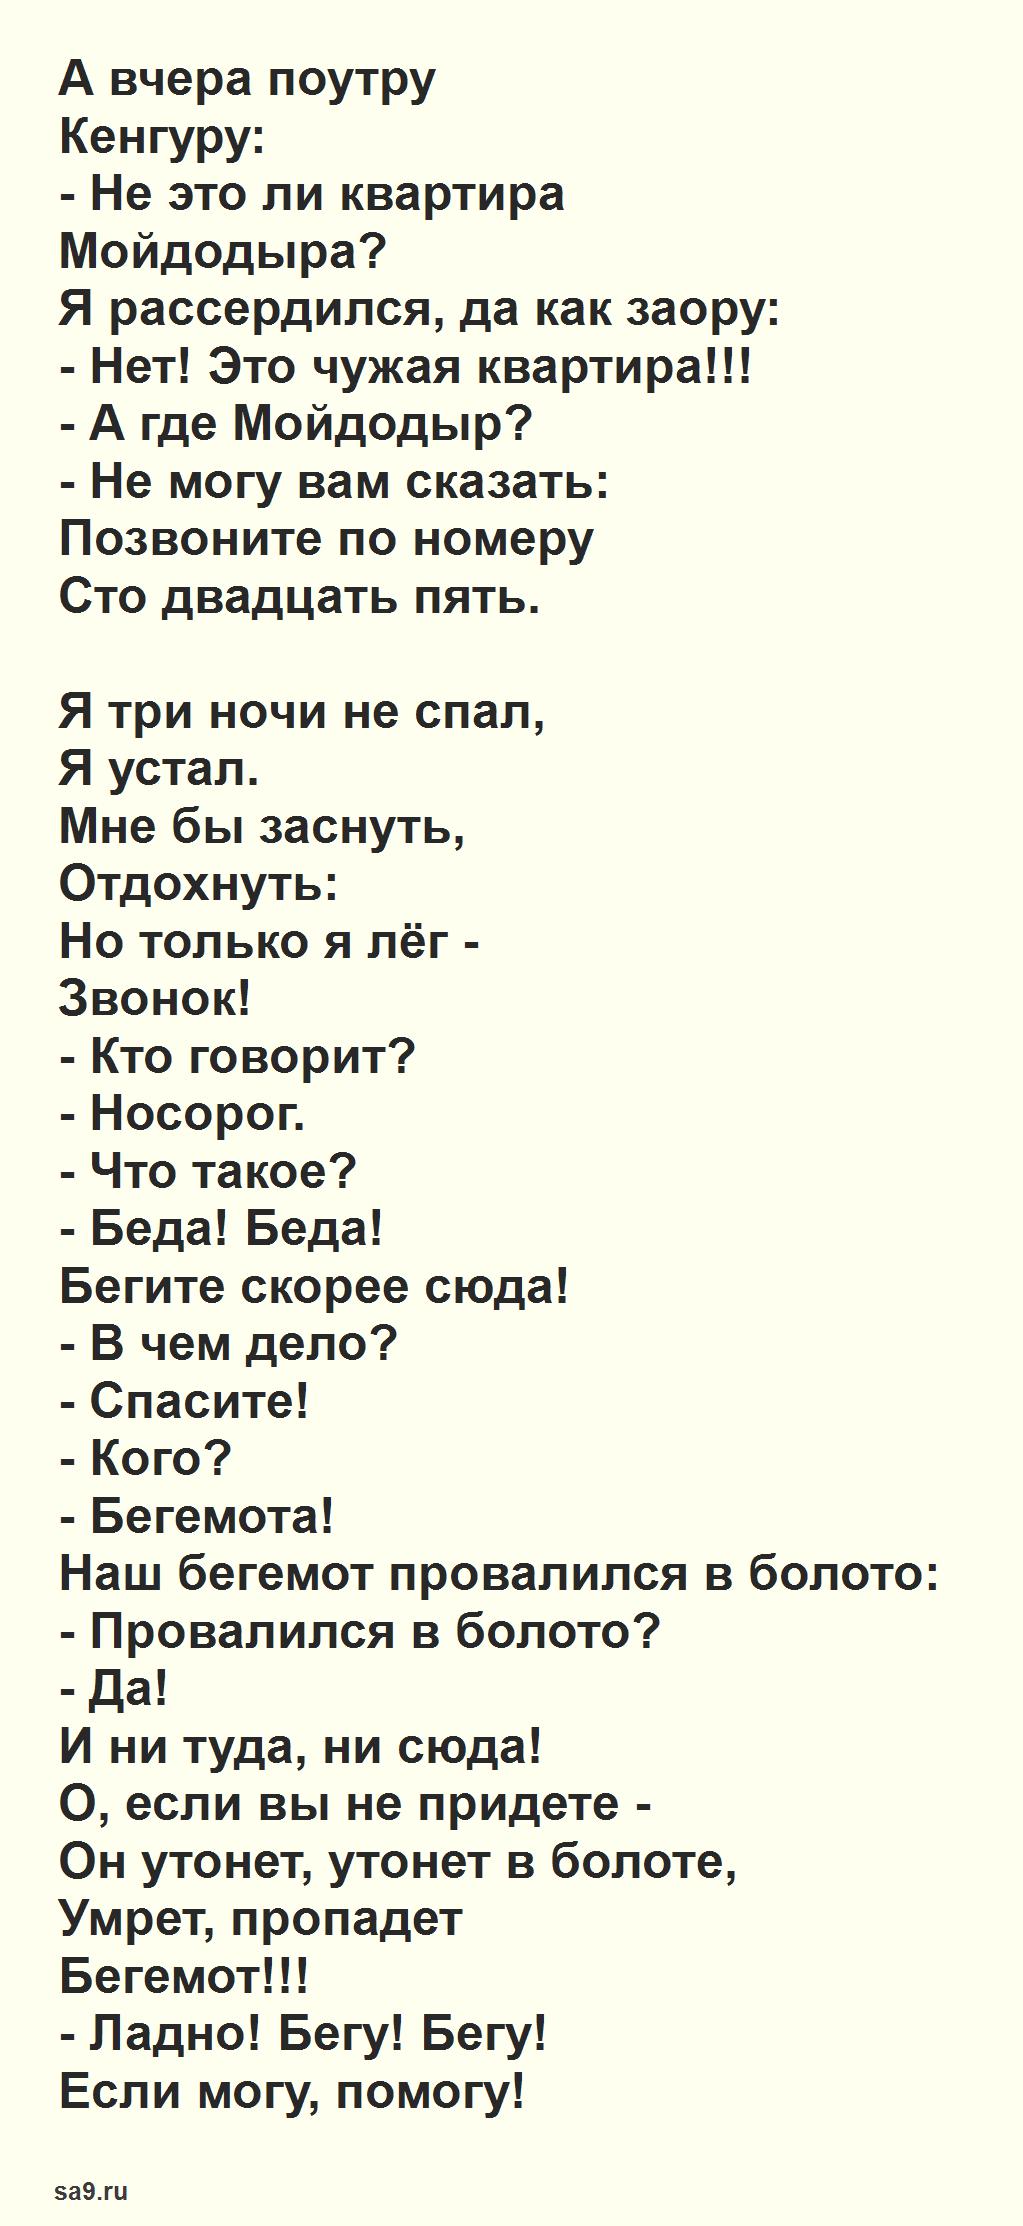 Сказка Чуковского 'Телефон', читать полностью